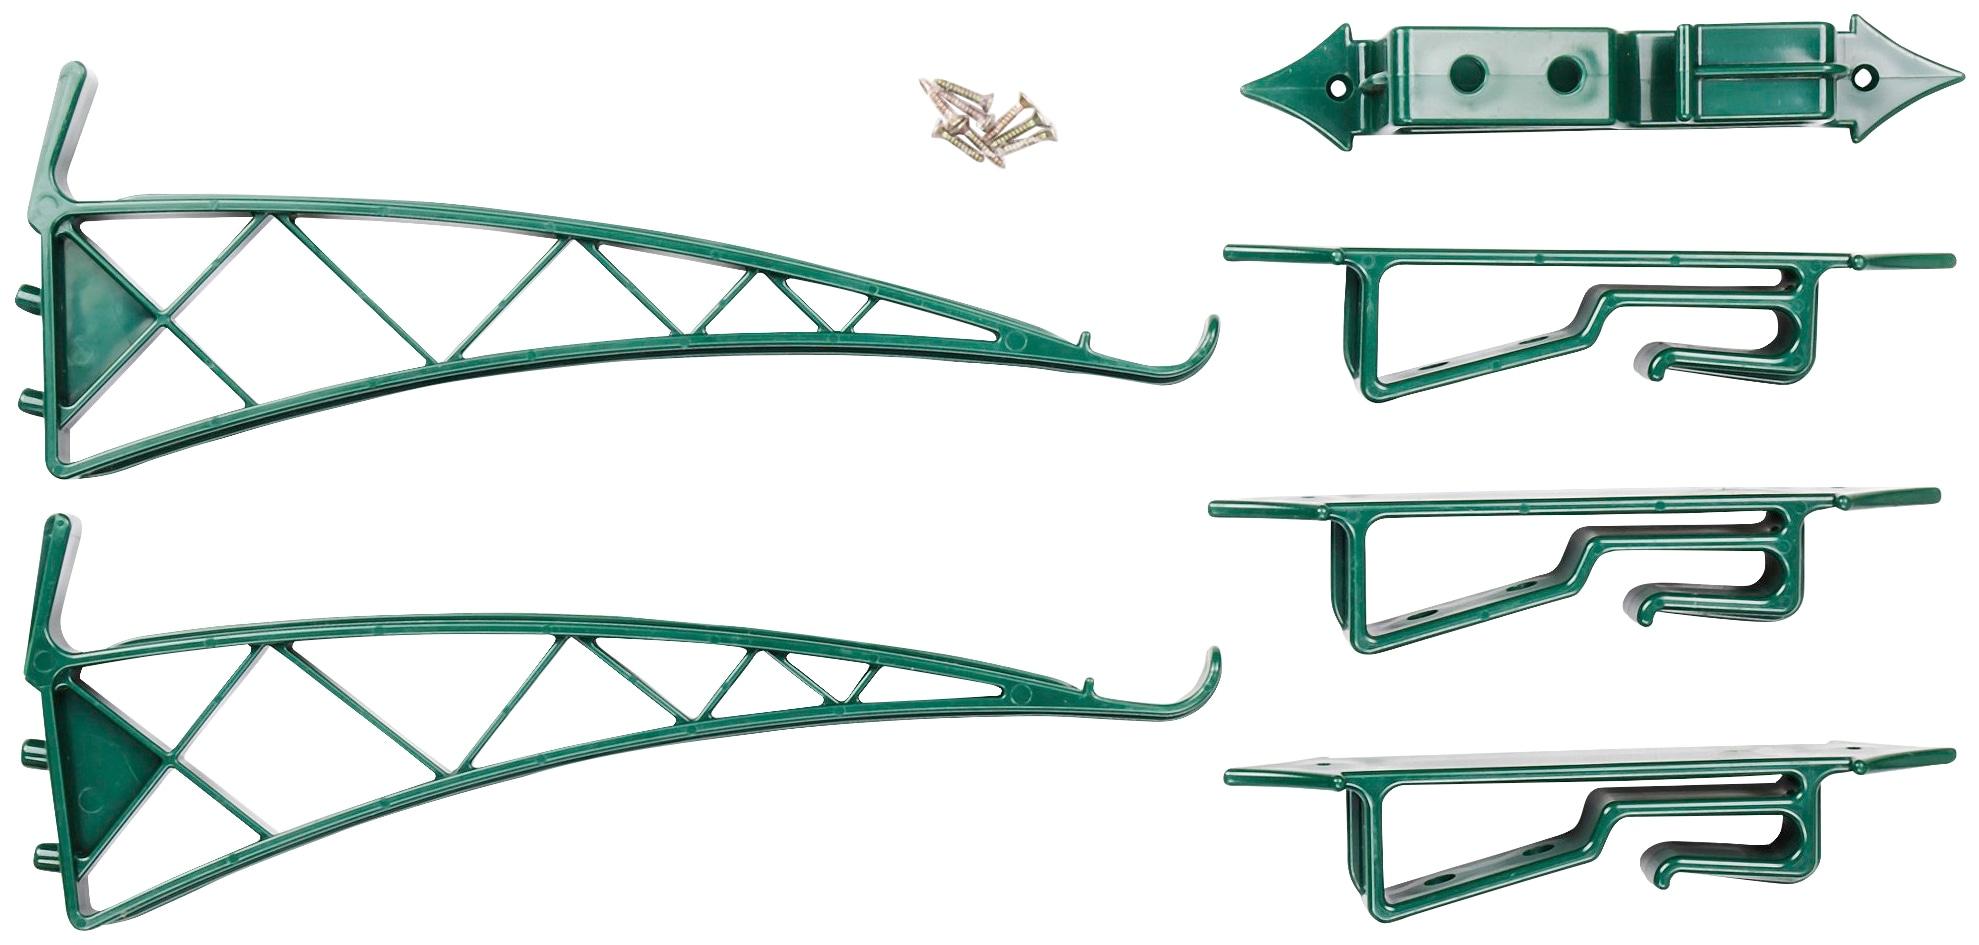 UPP Wandhalter für 6 Pflanztöpfe/Blumenampeln   Dekoration > Dekopflanzen > Blumenampeln   Grün   Abs - Kunststoff   UPP